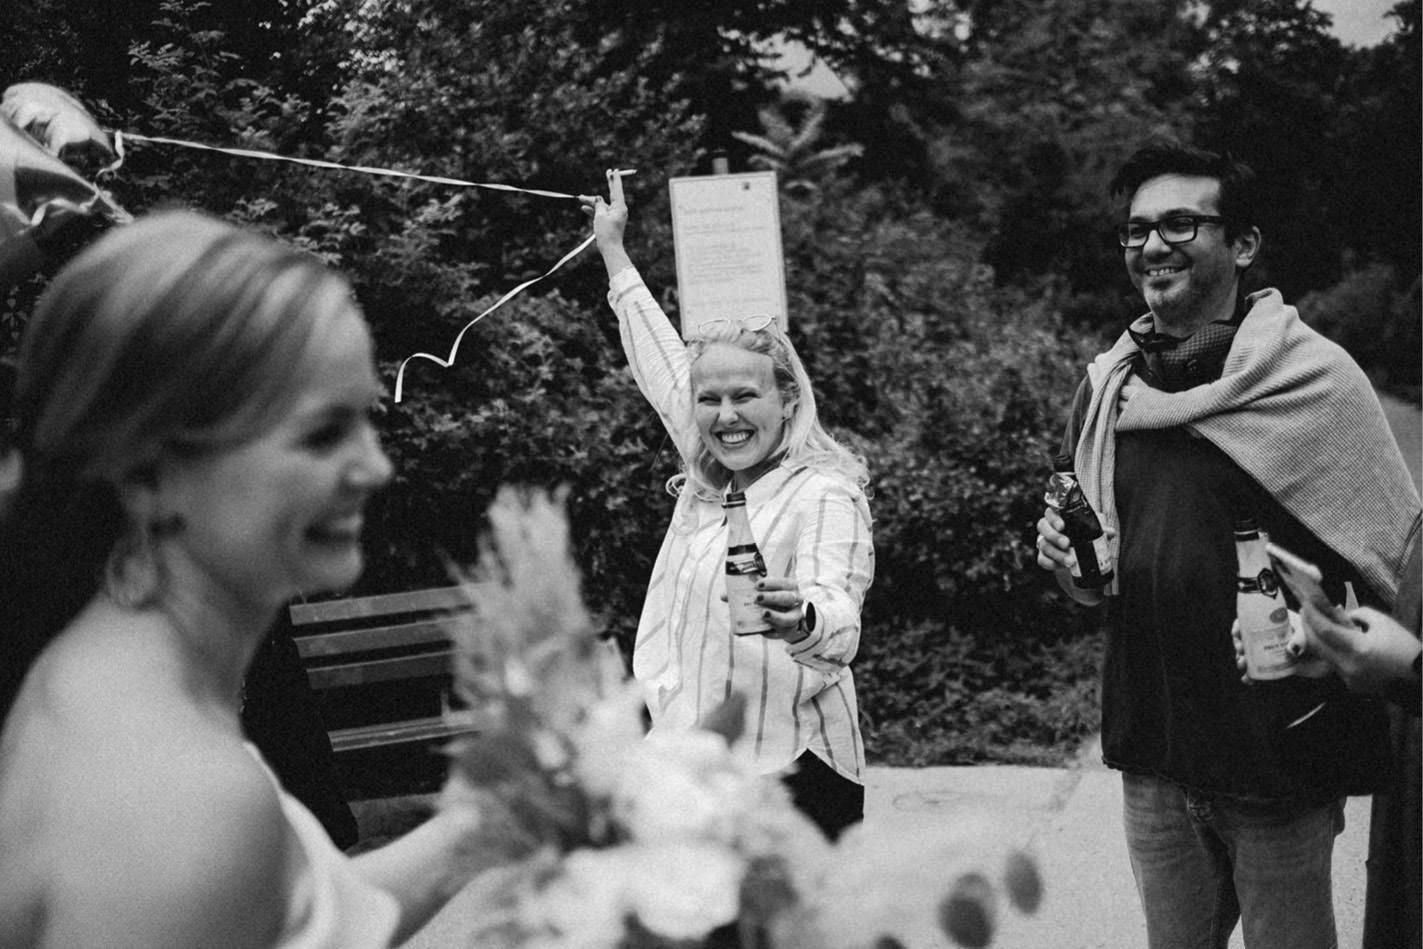 Als Hochzeitsfotograf Düsseldorf waren wir bei der Hochzeit am Standesamt Düsseldorf